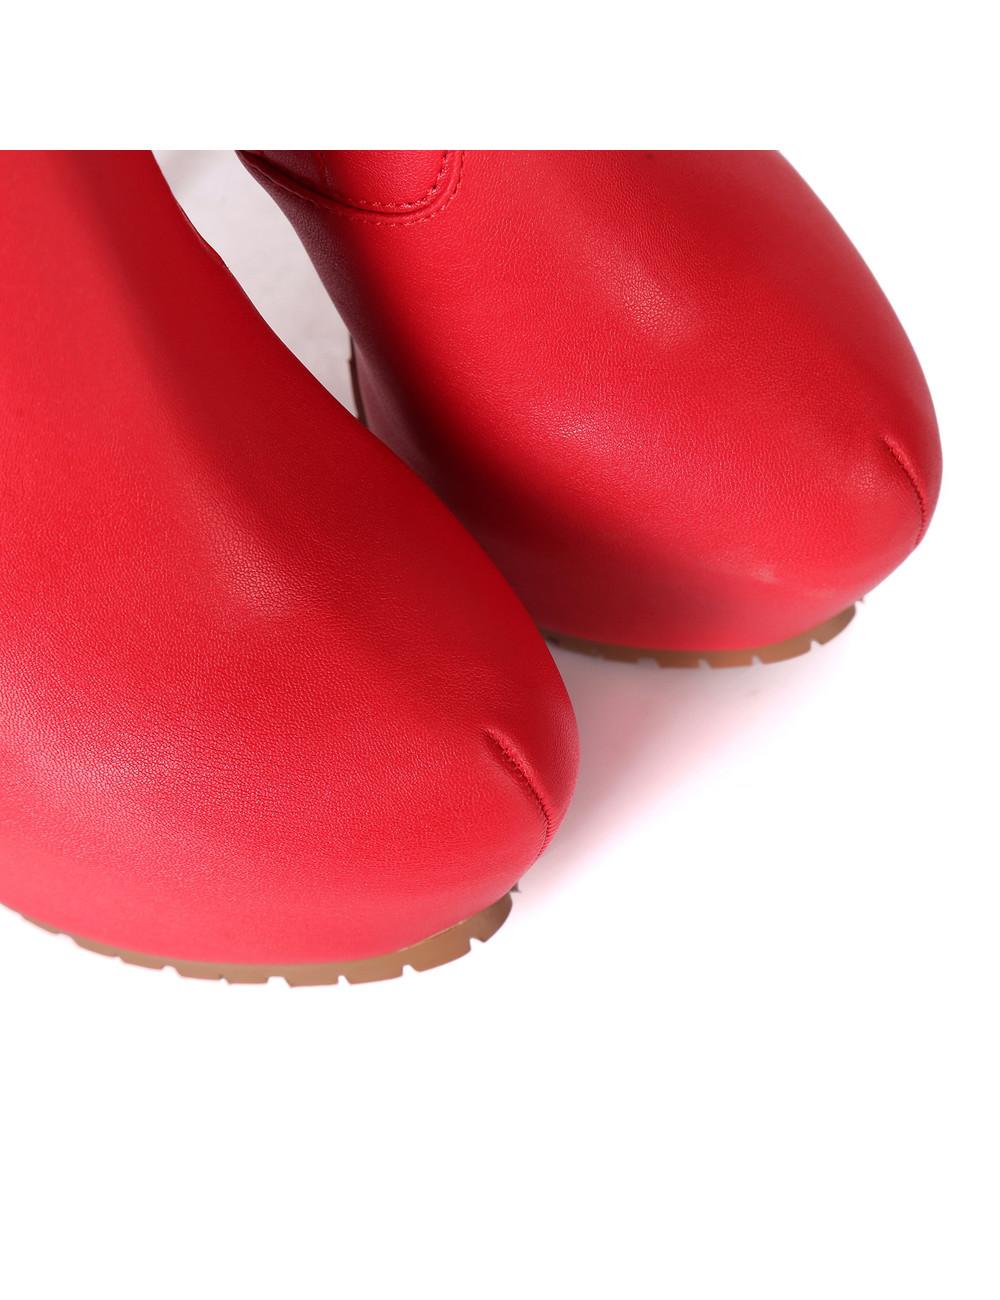 Giaro Giaro VIDA rote Oberschenkelstiefel Profilsohlen